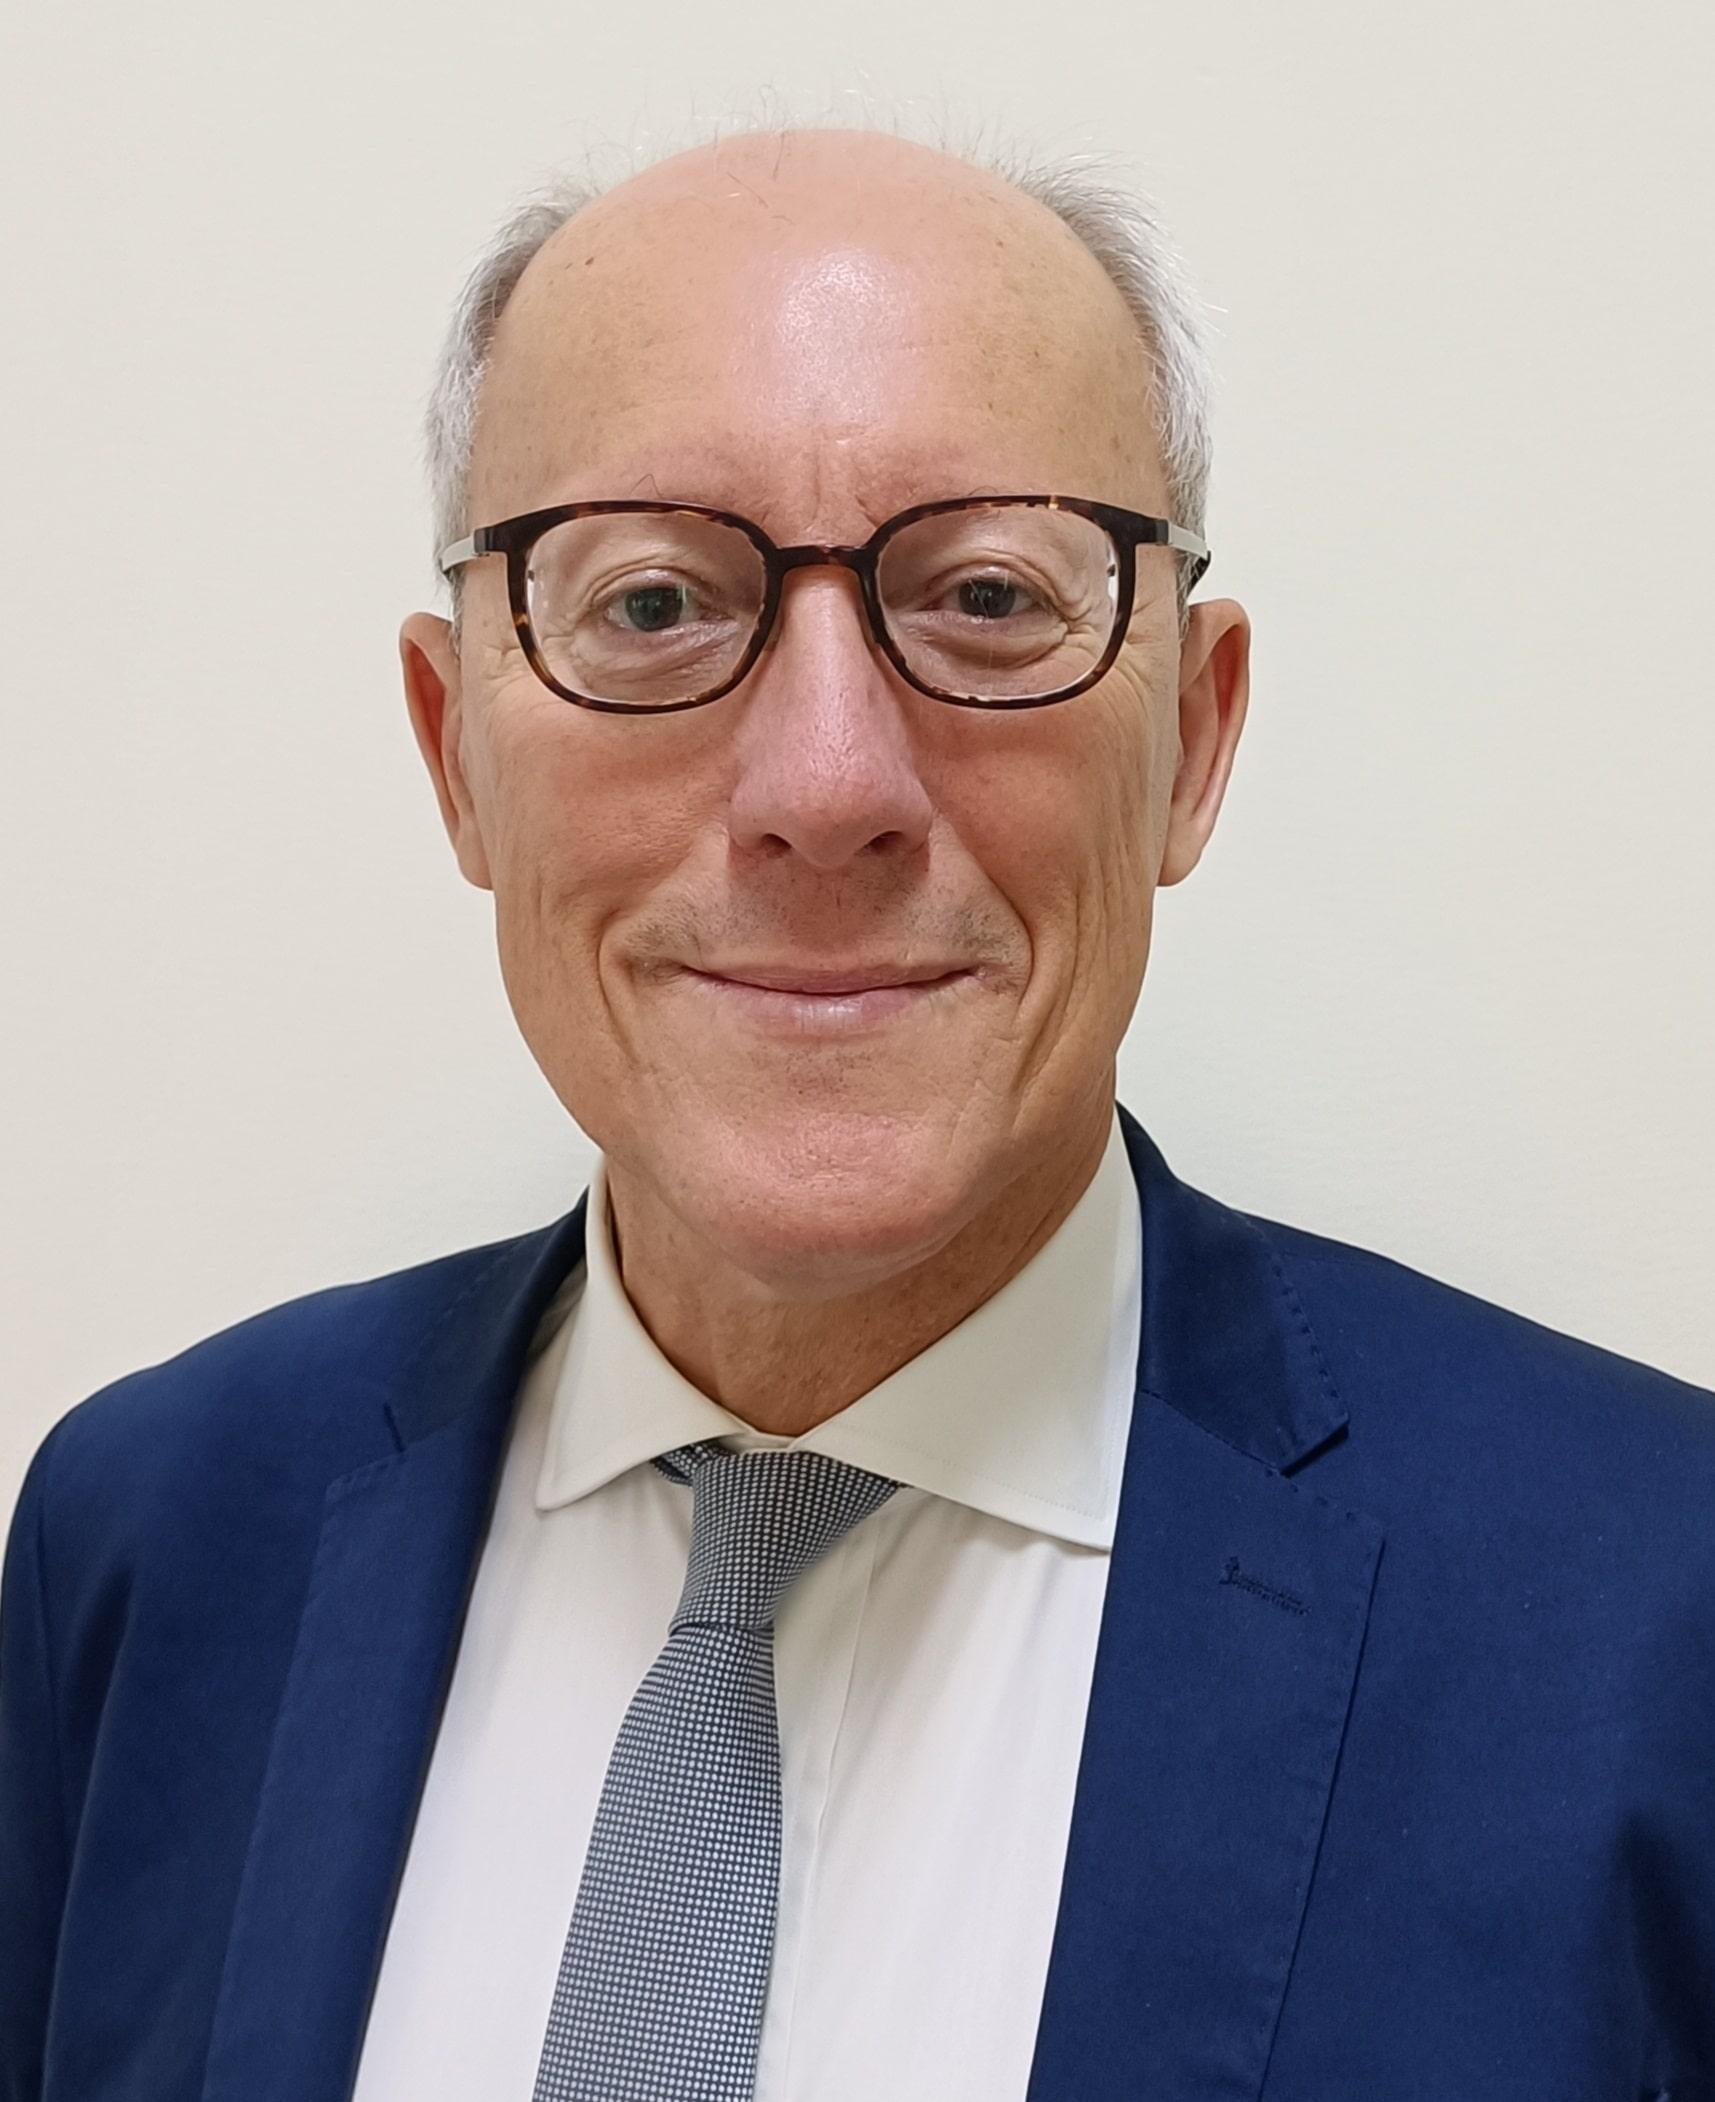 Dr. Giorgio Consigli